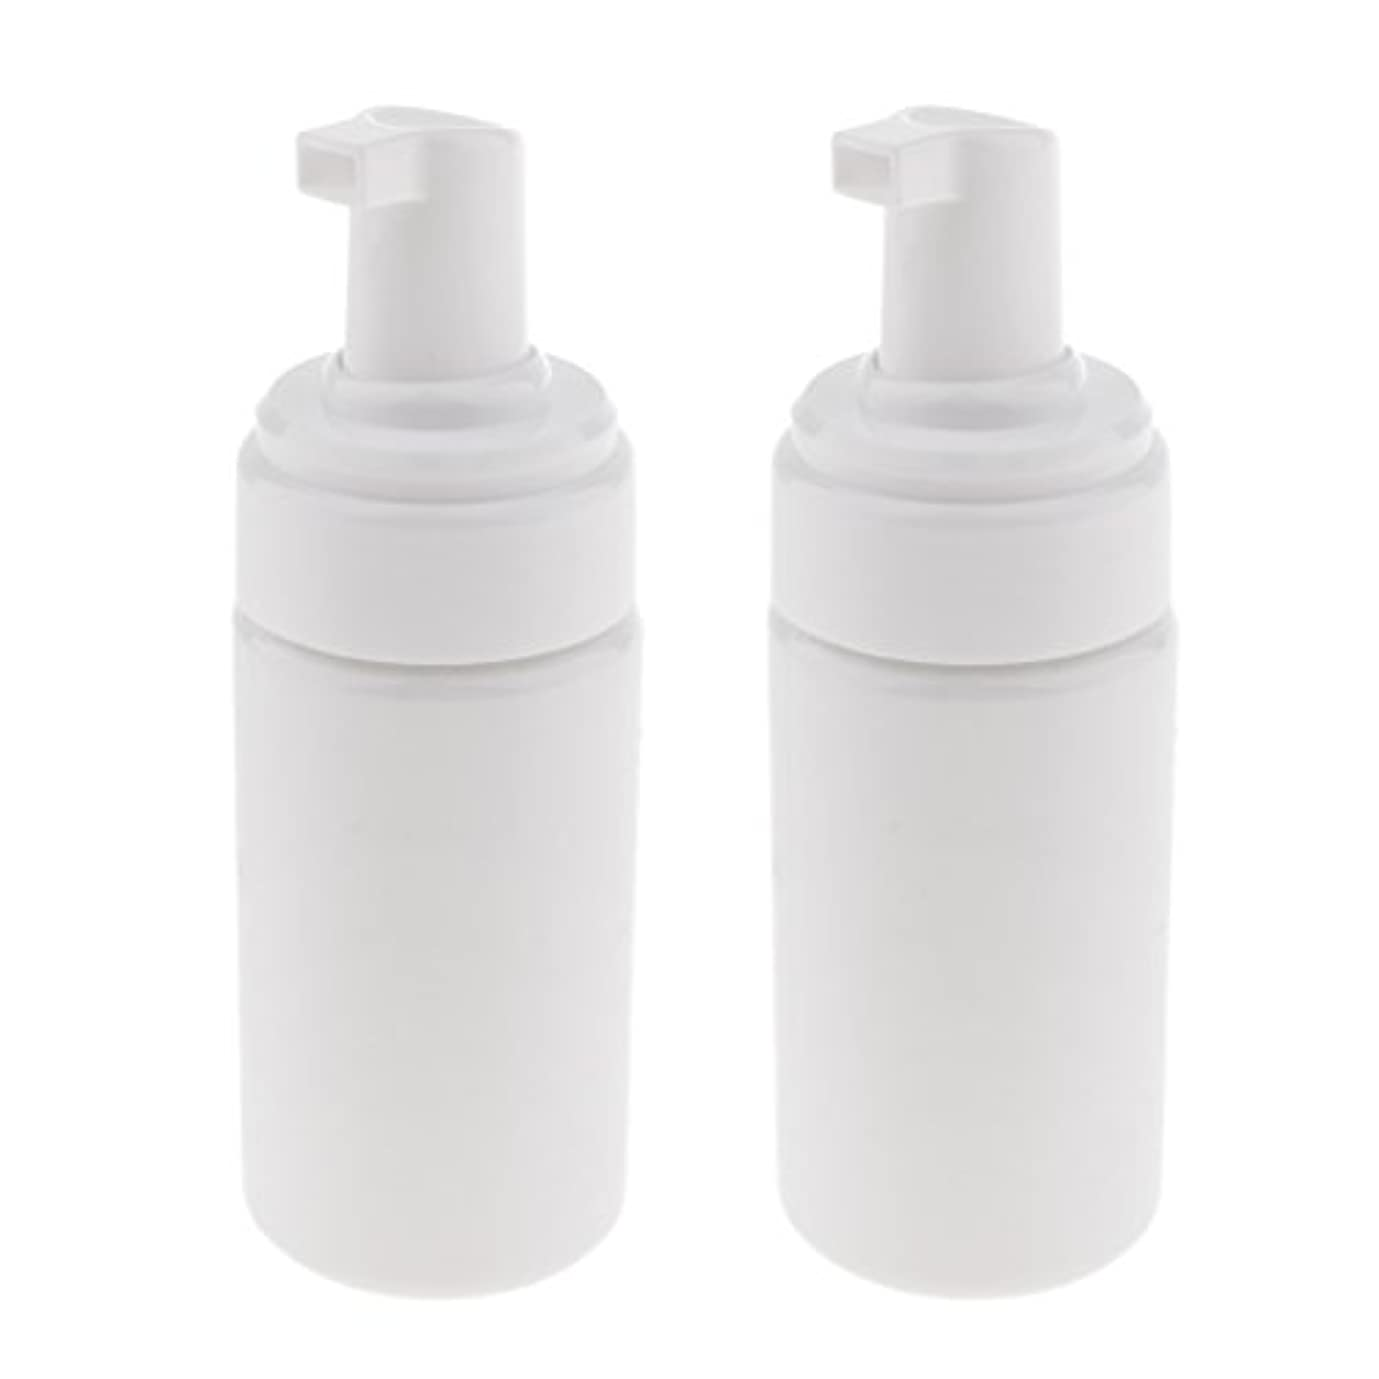 ジョージスティーブンソンつかの間冷えるPerfk 2個 フォームボトル ディスペンサー ソープボトル 石鹸ディスペンサー ポンプボトル 100ml 泡立て ボトル 発泡 3色選べる - 白